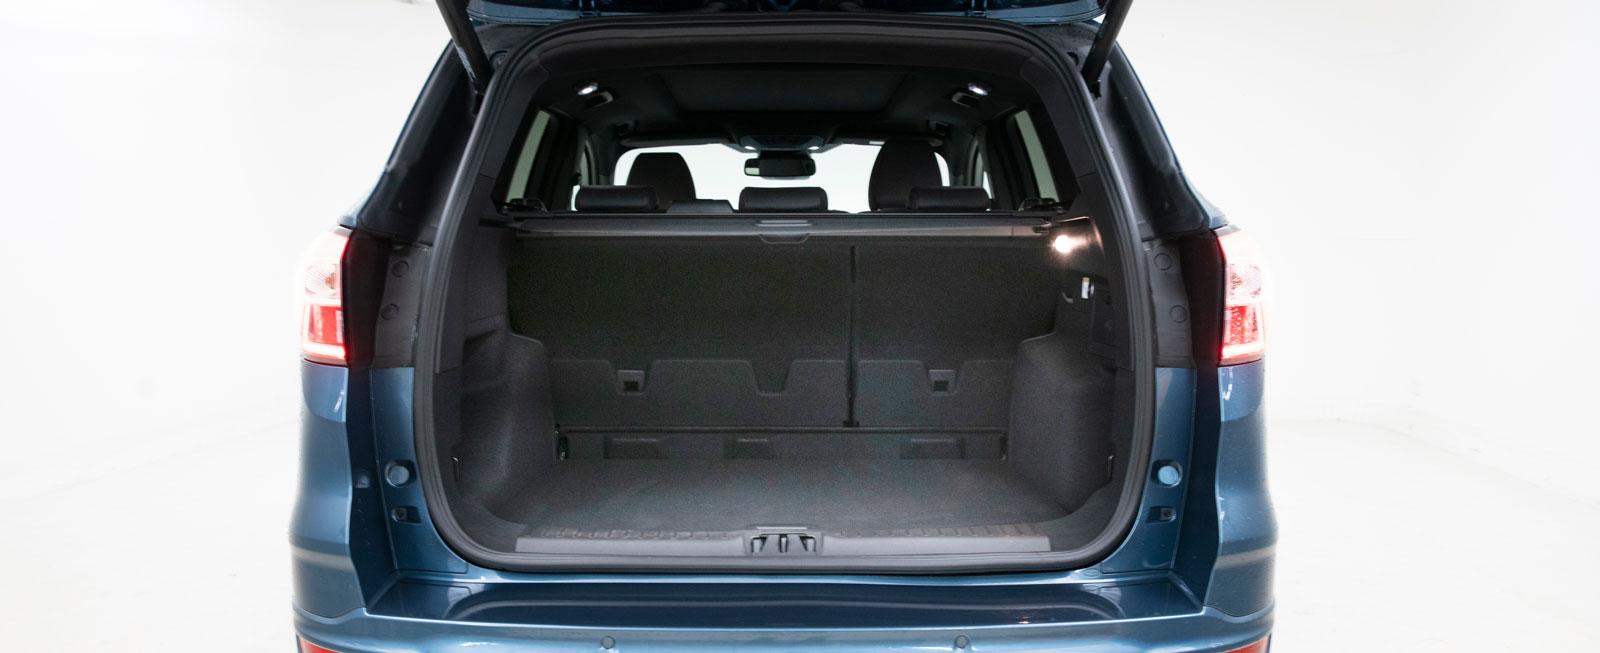 Gapa stort. Kuga har den bästa ståhöjden under bagageluckan och kan stoltsera med ett påfallande kvadratiskt bagageutrymme. Kuga rymmer 42 backar, två mer än vad Honda mäktar med. Ingen av bilarna tänder upp bakljusen när bakluckan öppnas utan påslagen tändning.